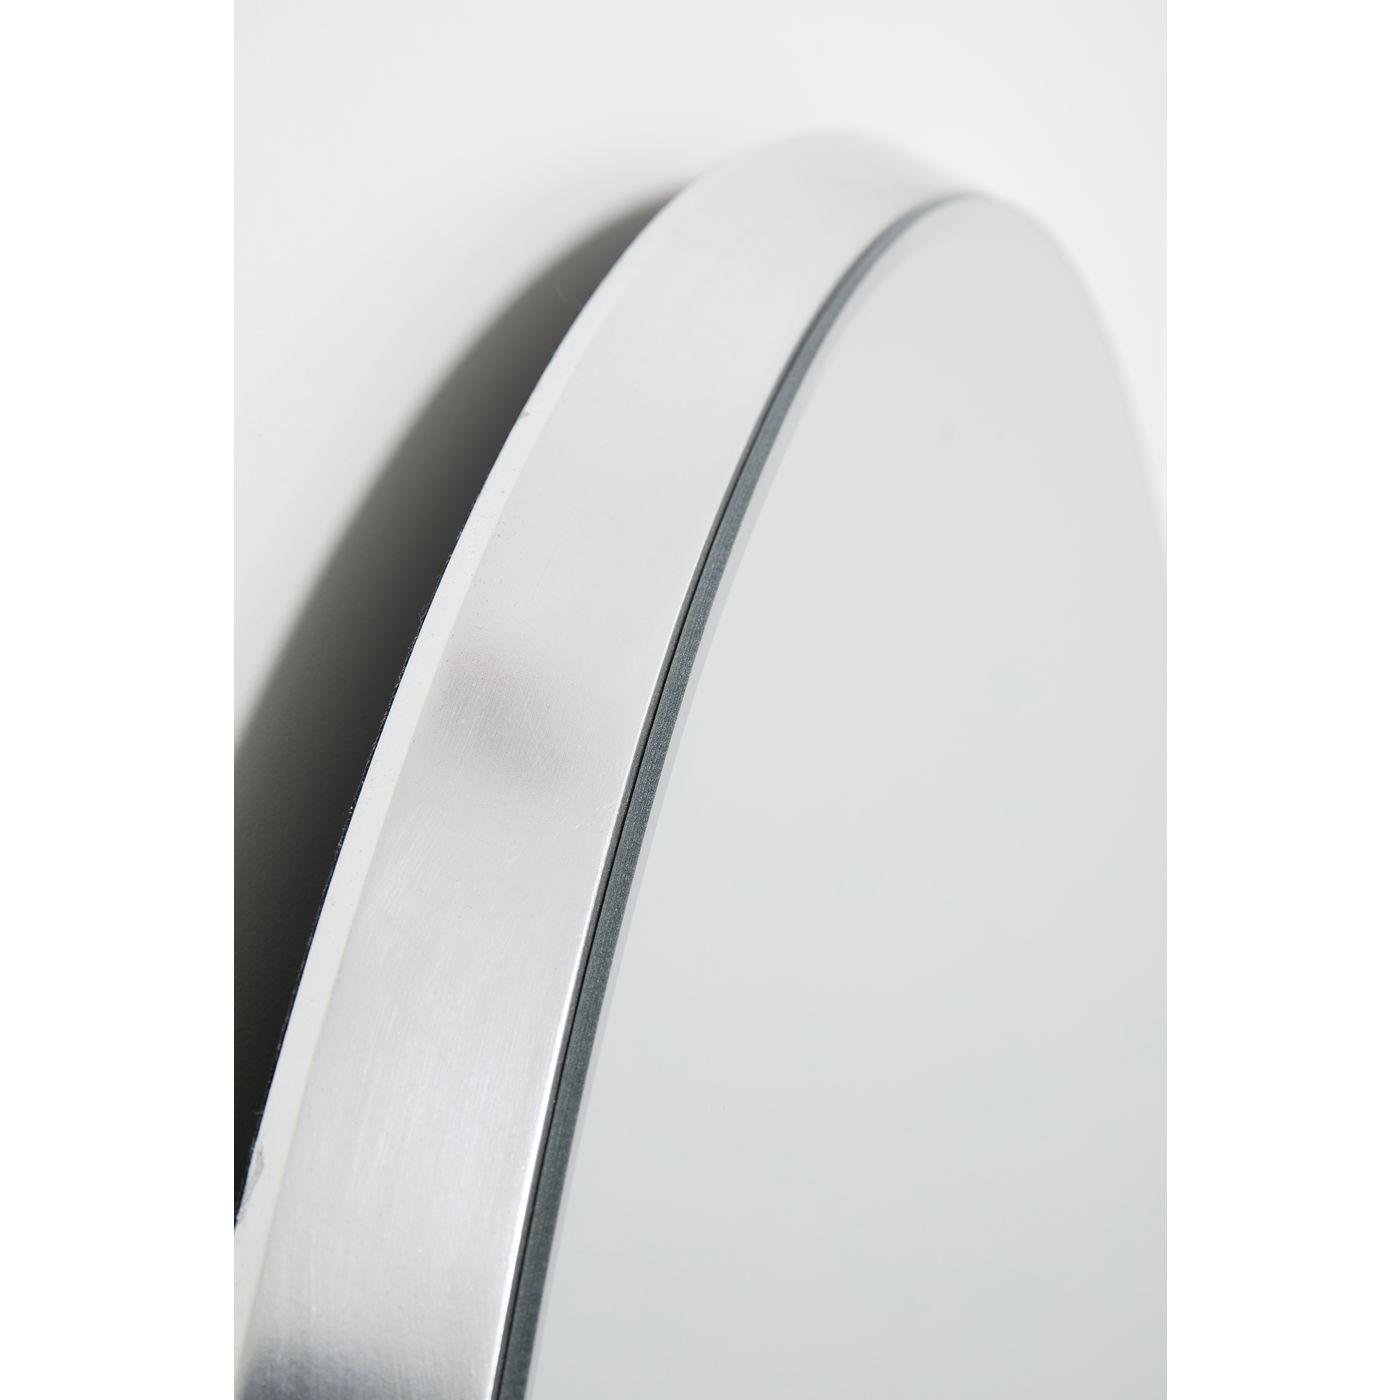 Miroir Jetset rond argenté 73cm Kare Design